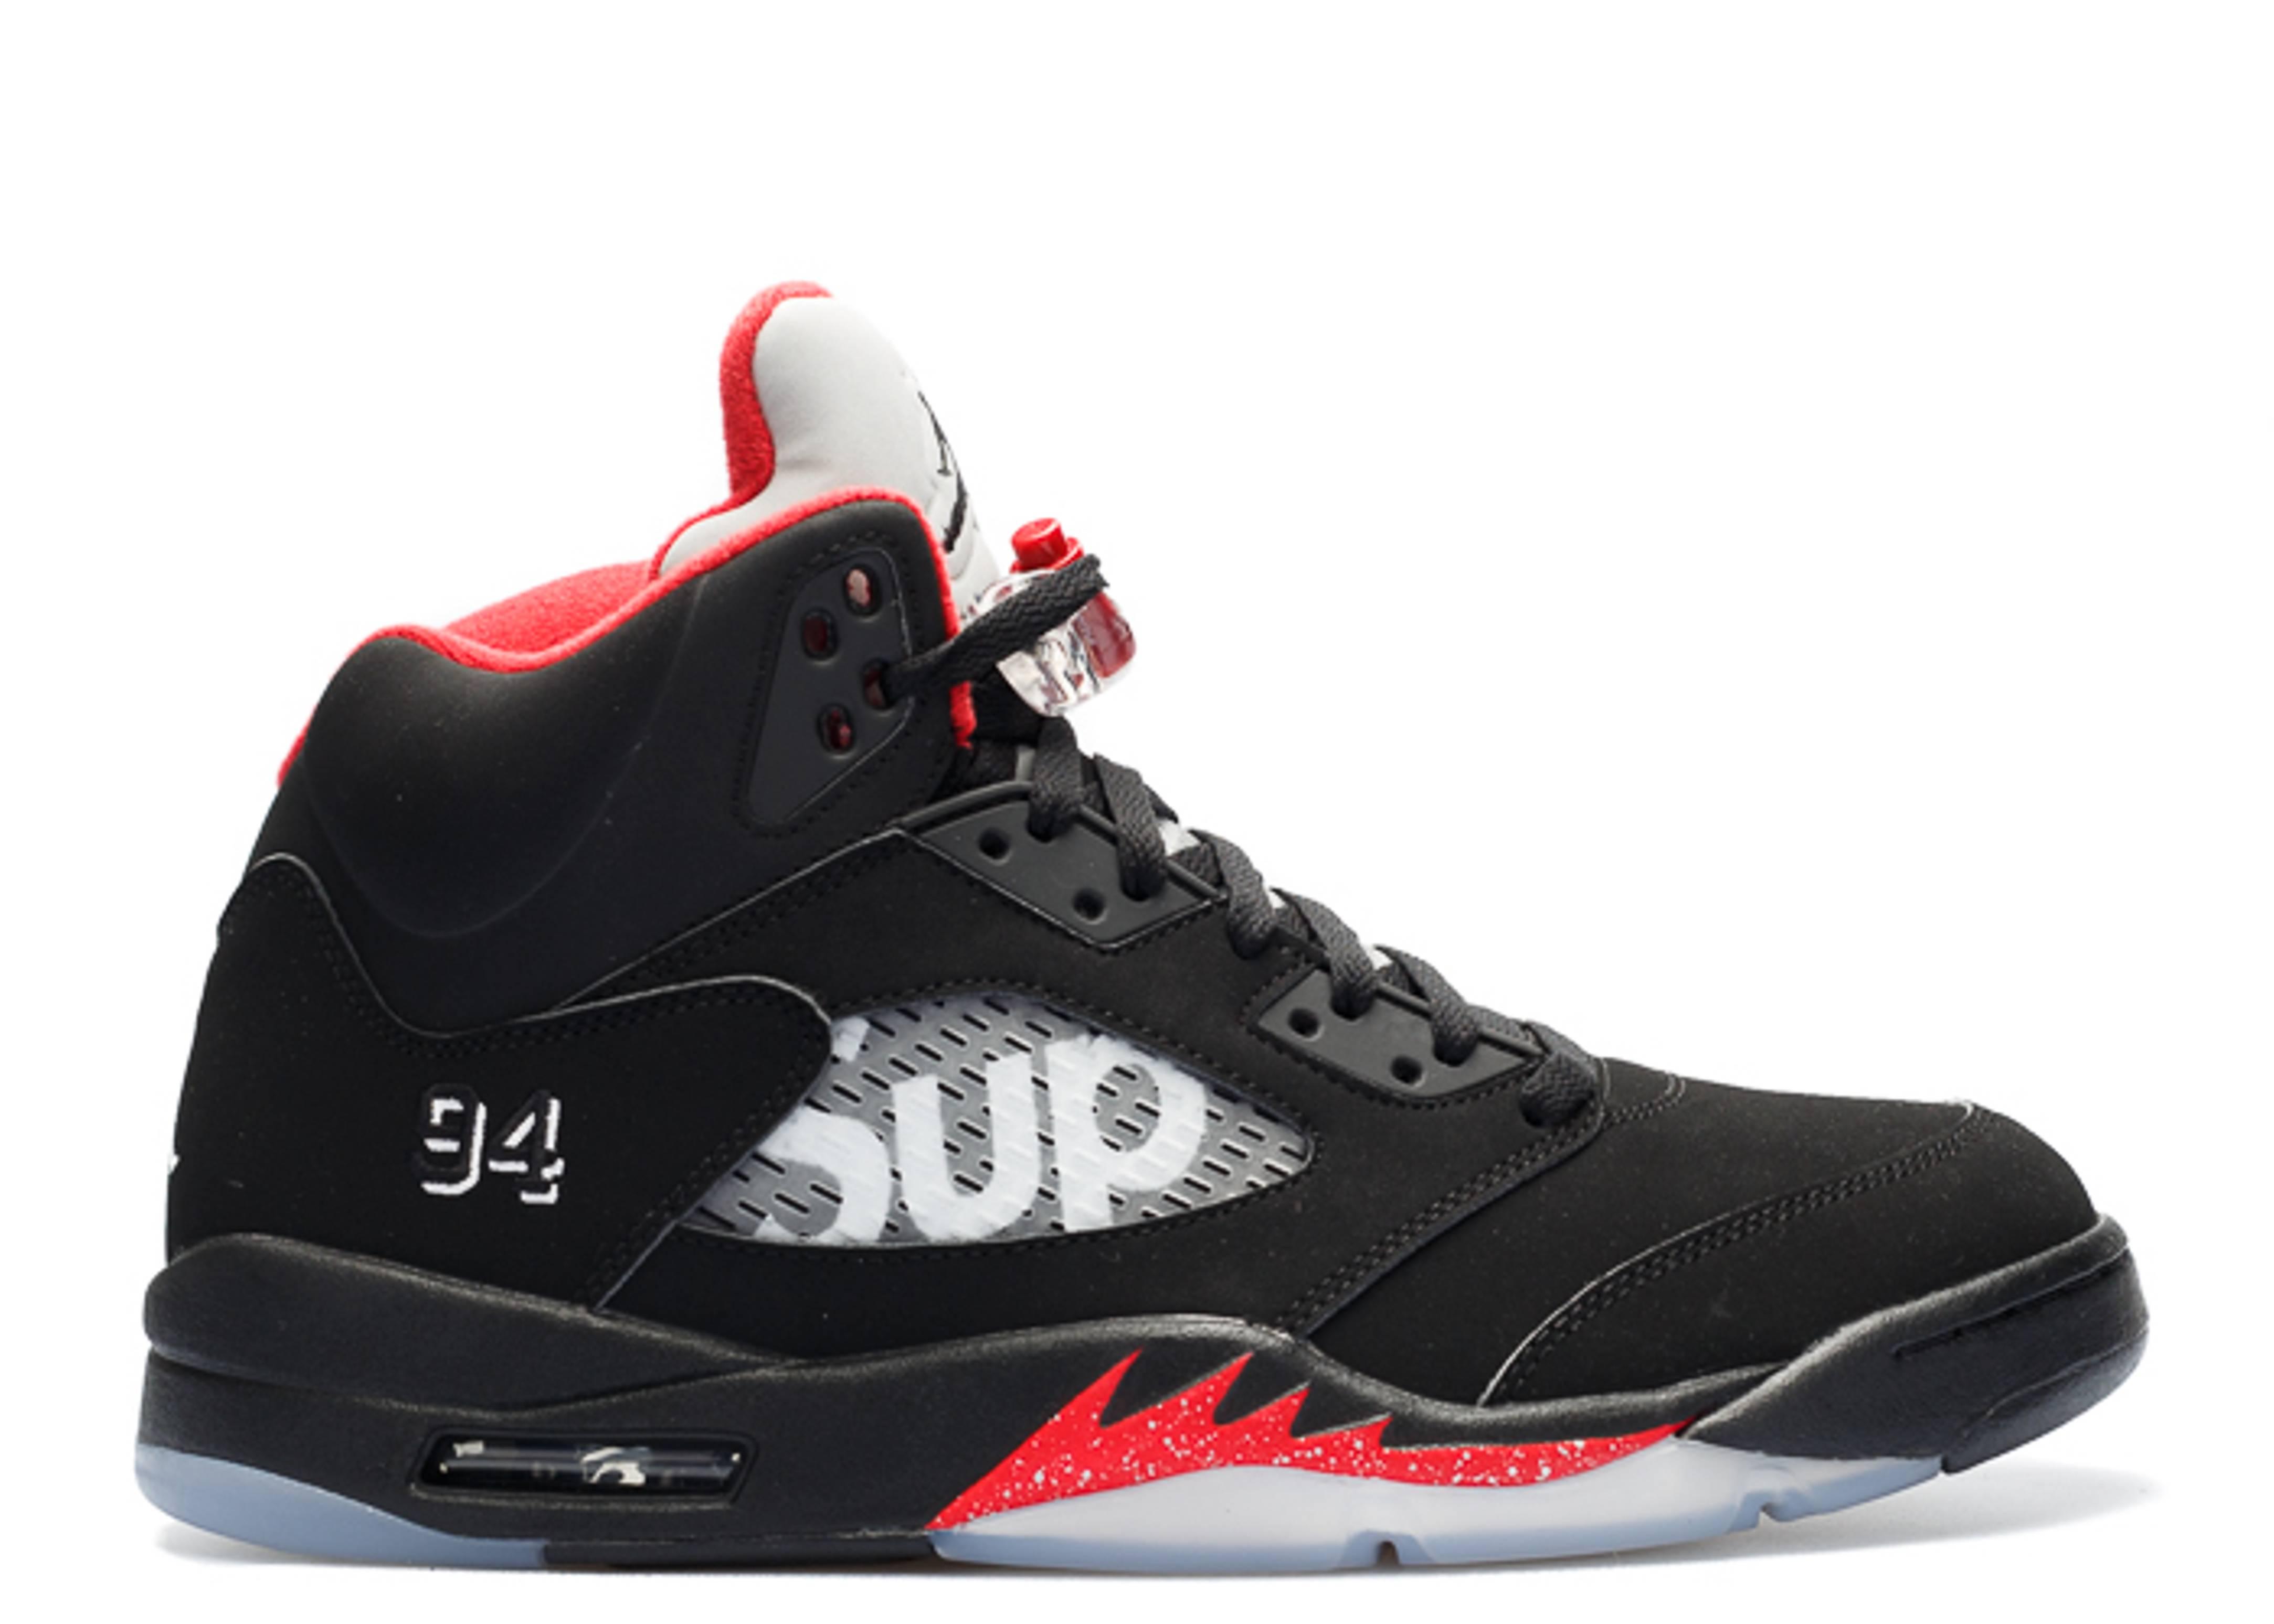 hyvä yksityiskohtaiset kuvat jaloilla Air Jordan 5 Retro Supreme